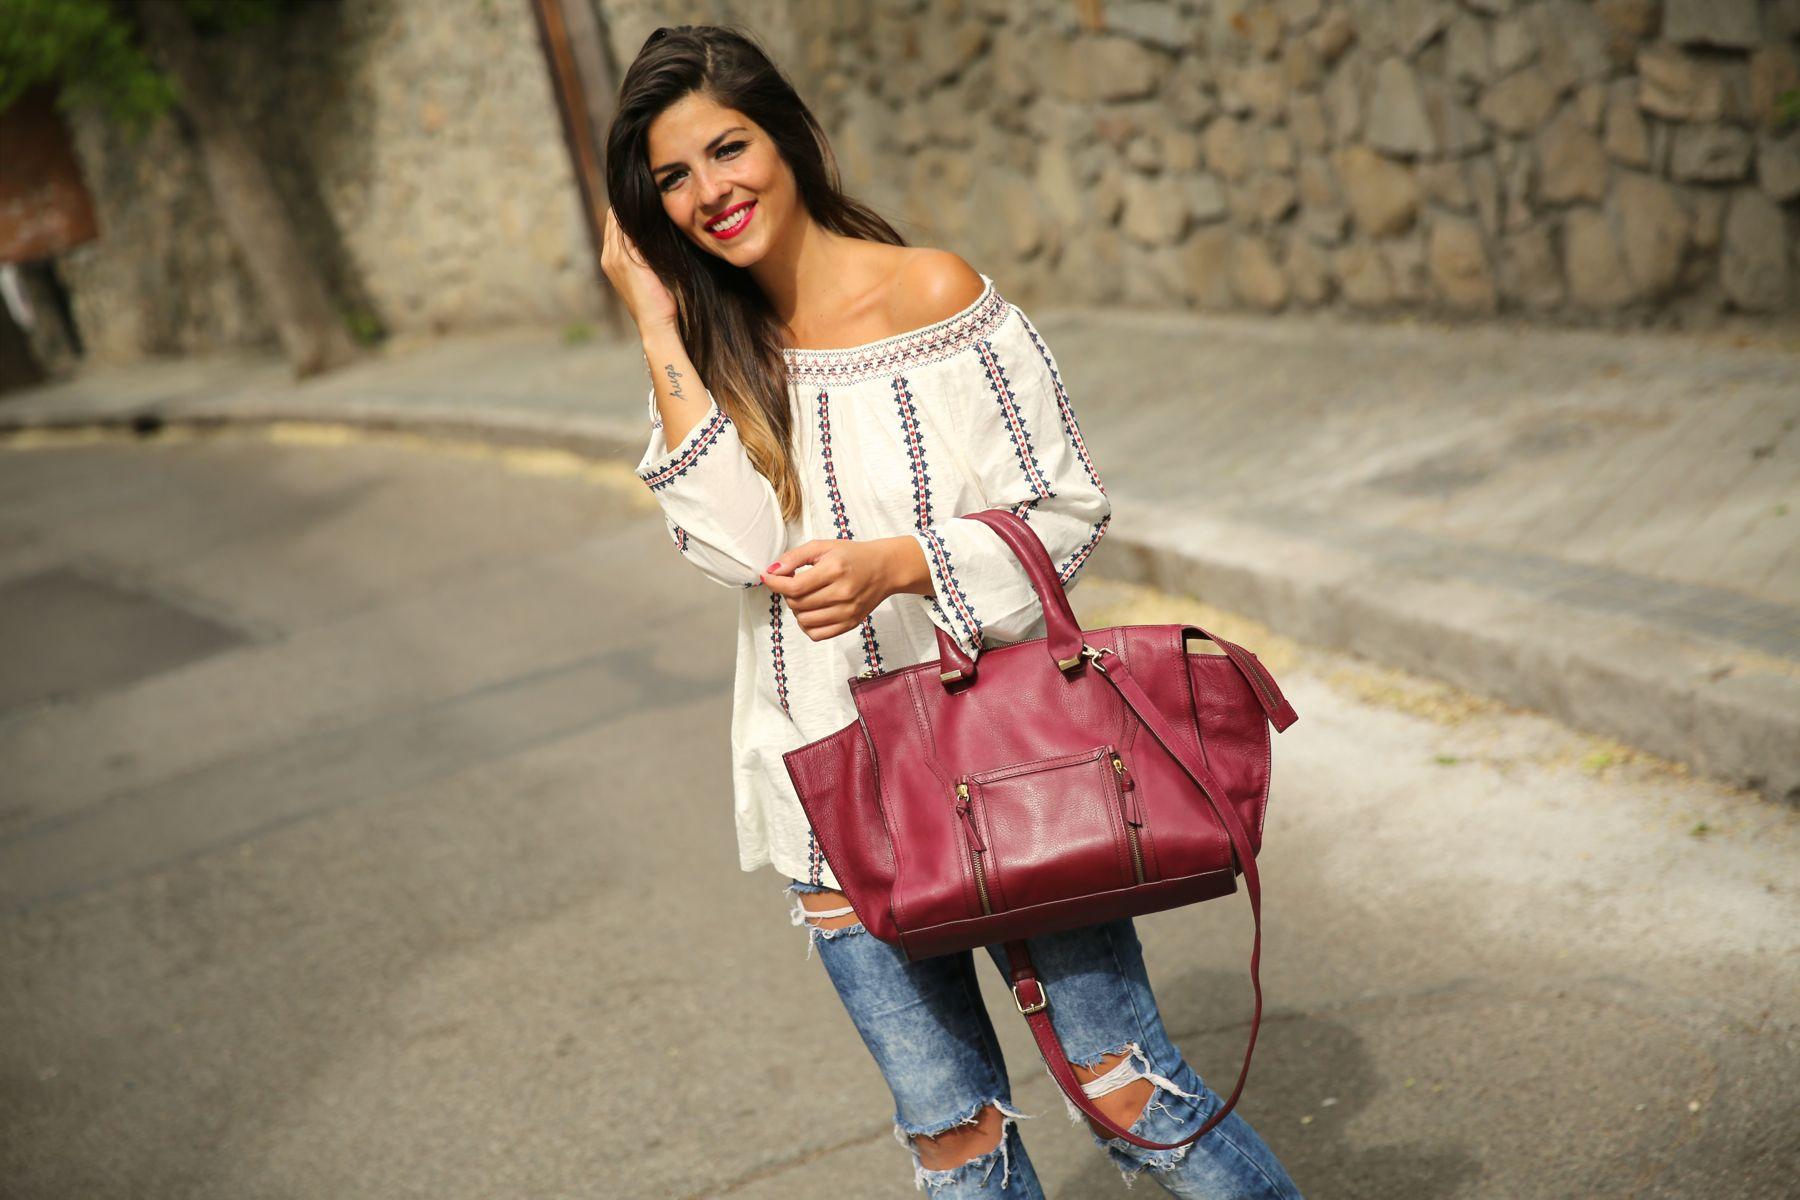 Джинсы с высокой талией и блуза в стиле бохо